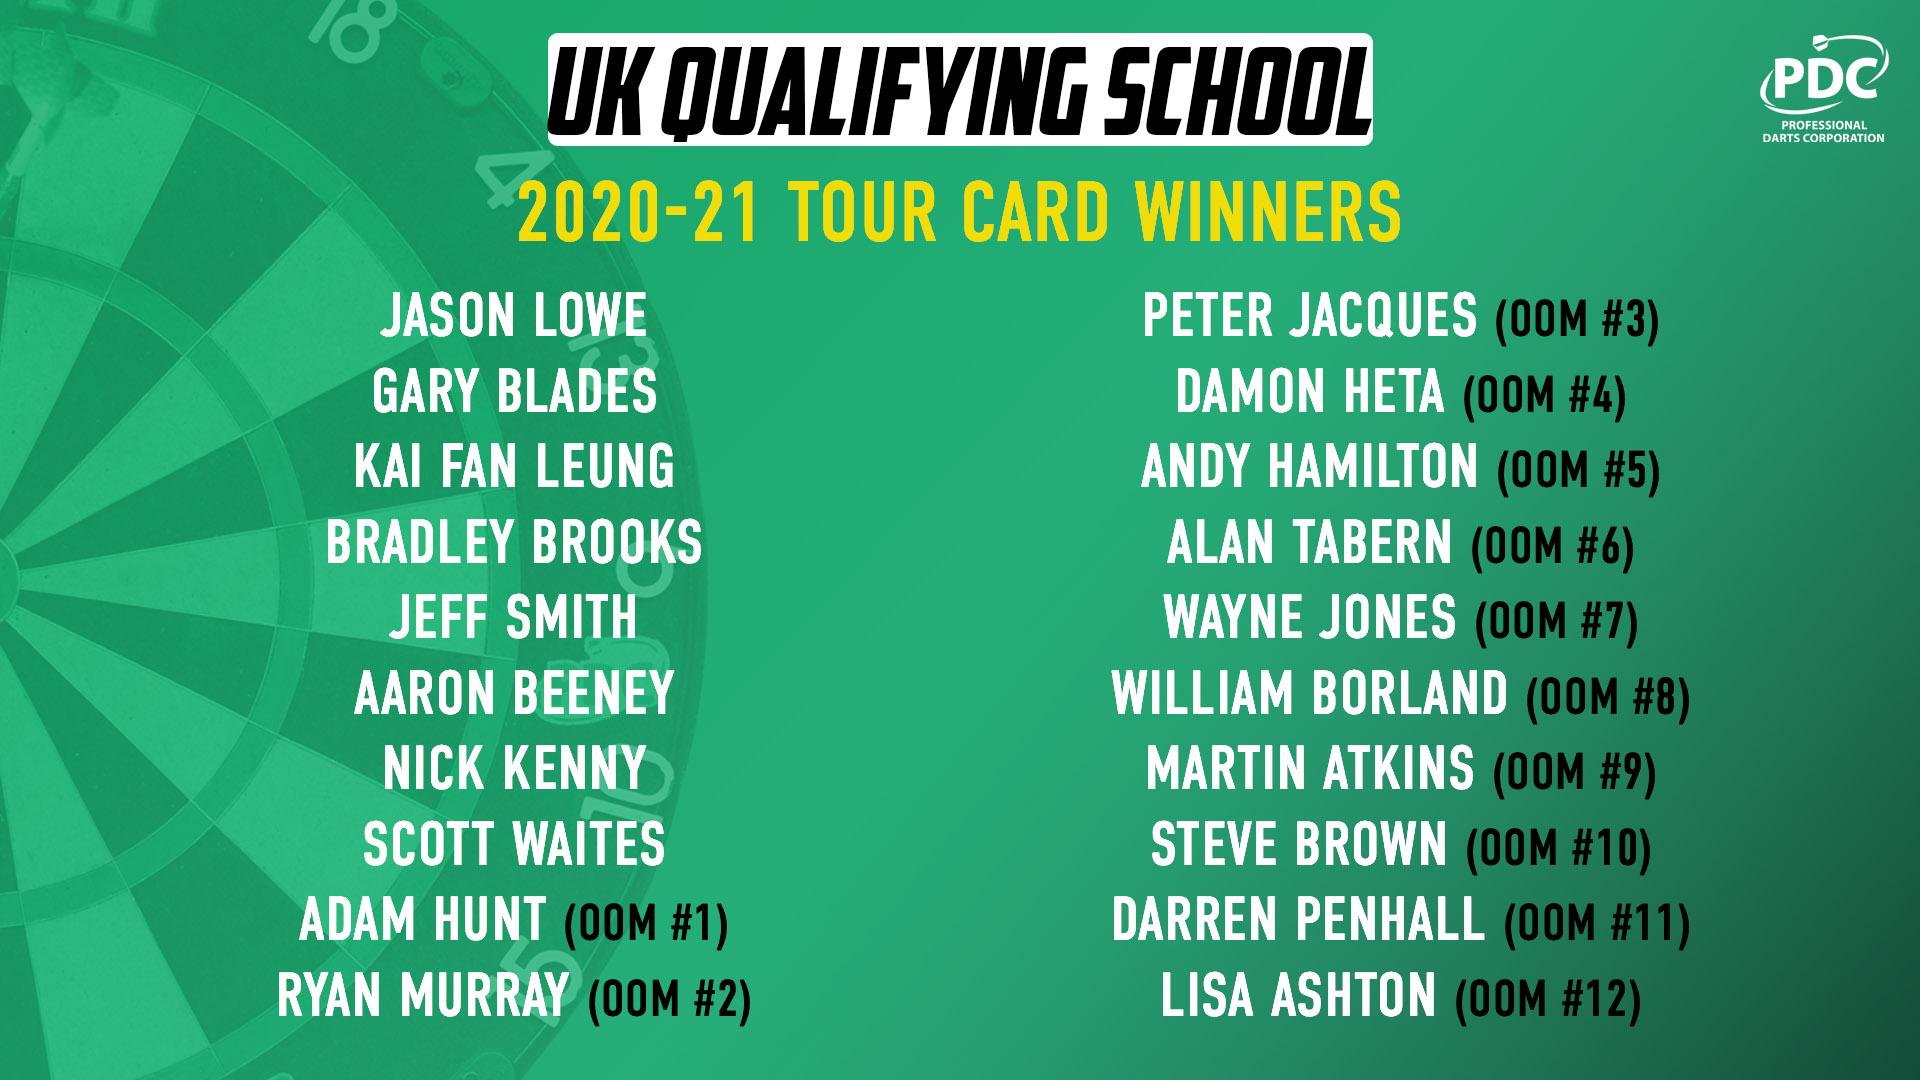 UK Q School winners (PDC)